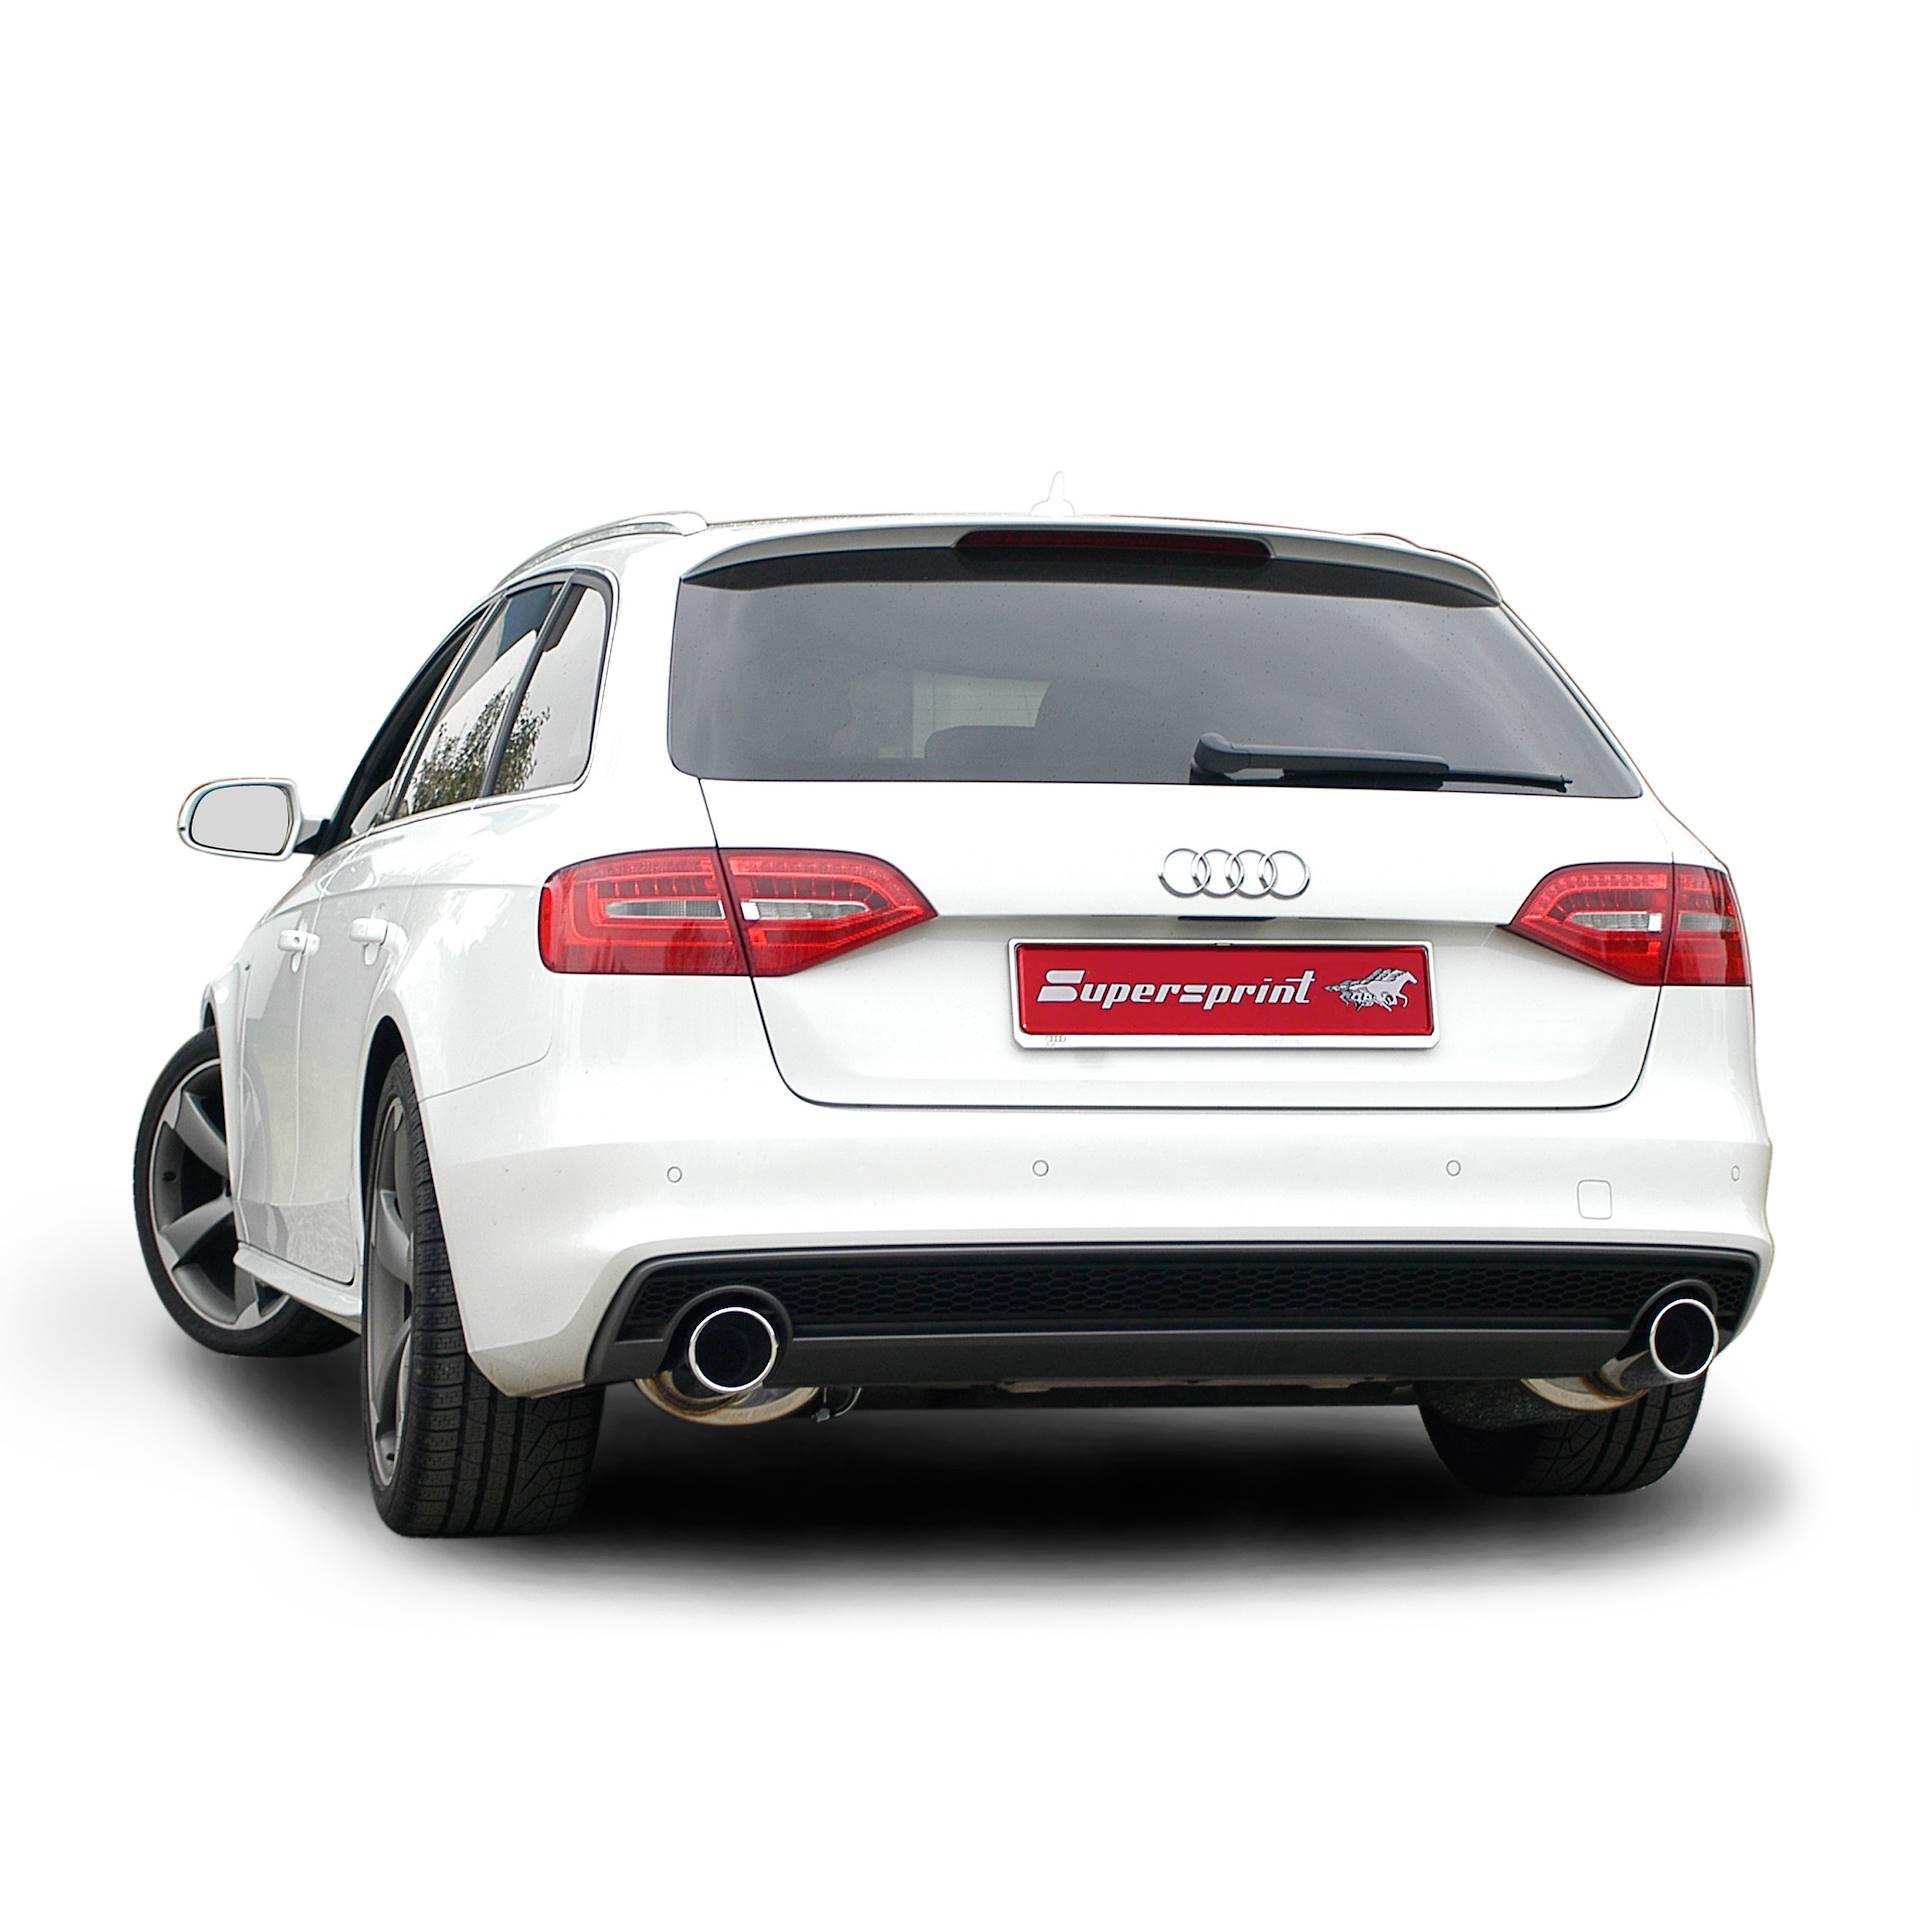 Audi A4 B8 Quattro Sedan Avant 20 Tdi 143 170 177 Hp 08